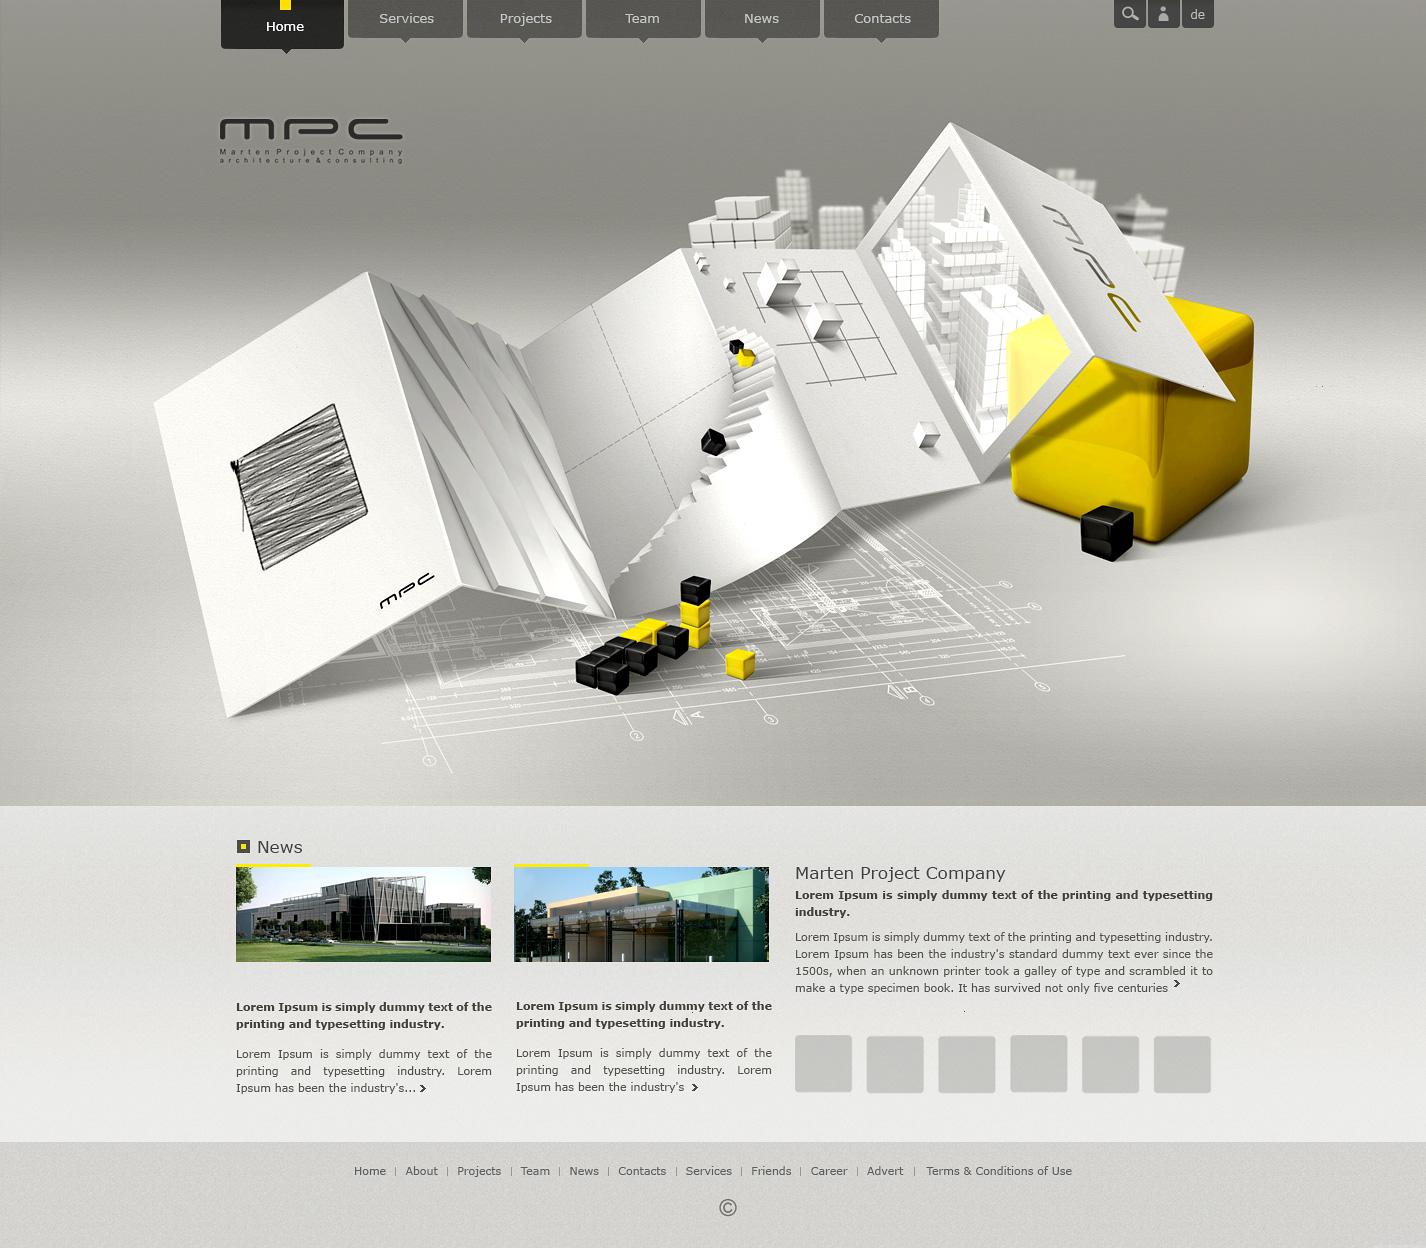 MPC_4_webpage_JB